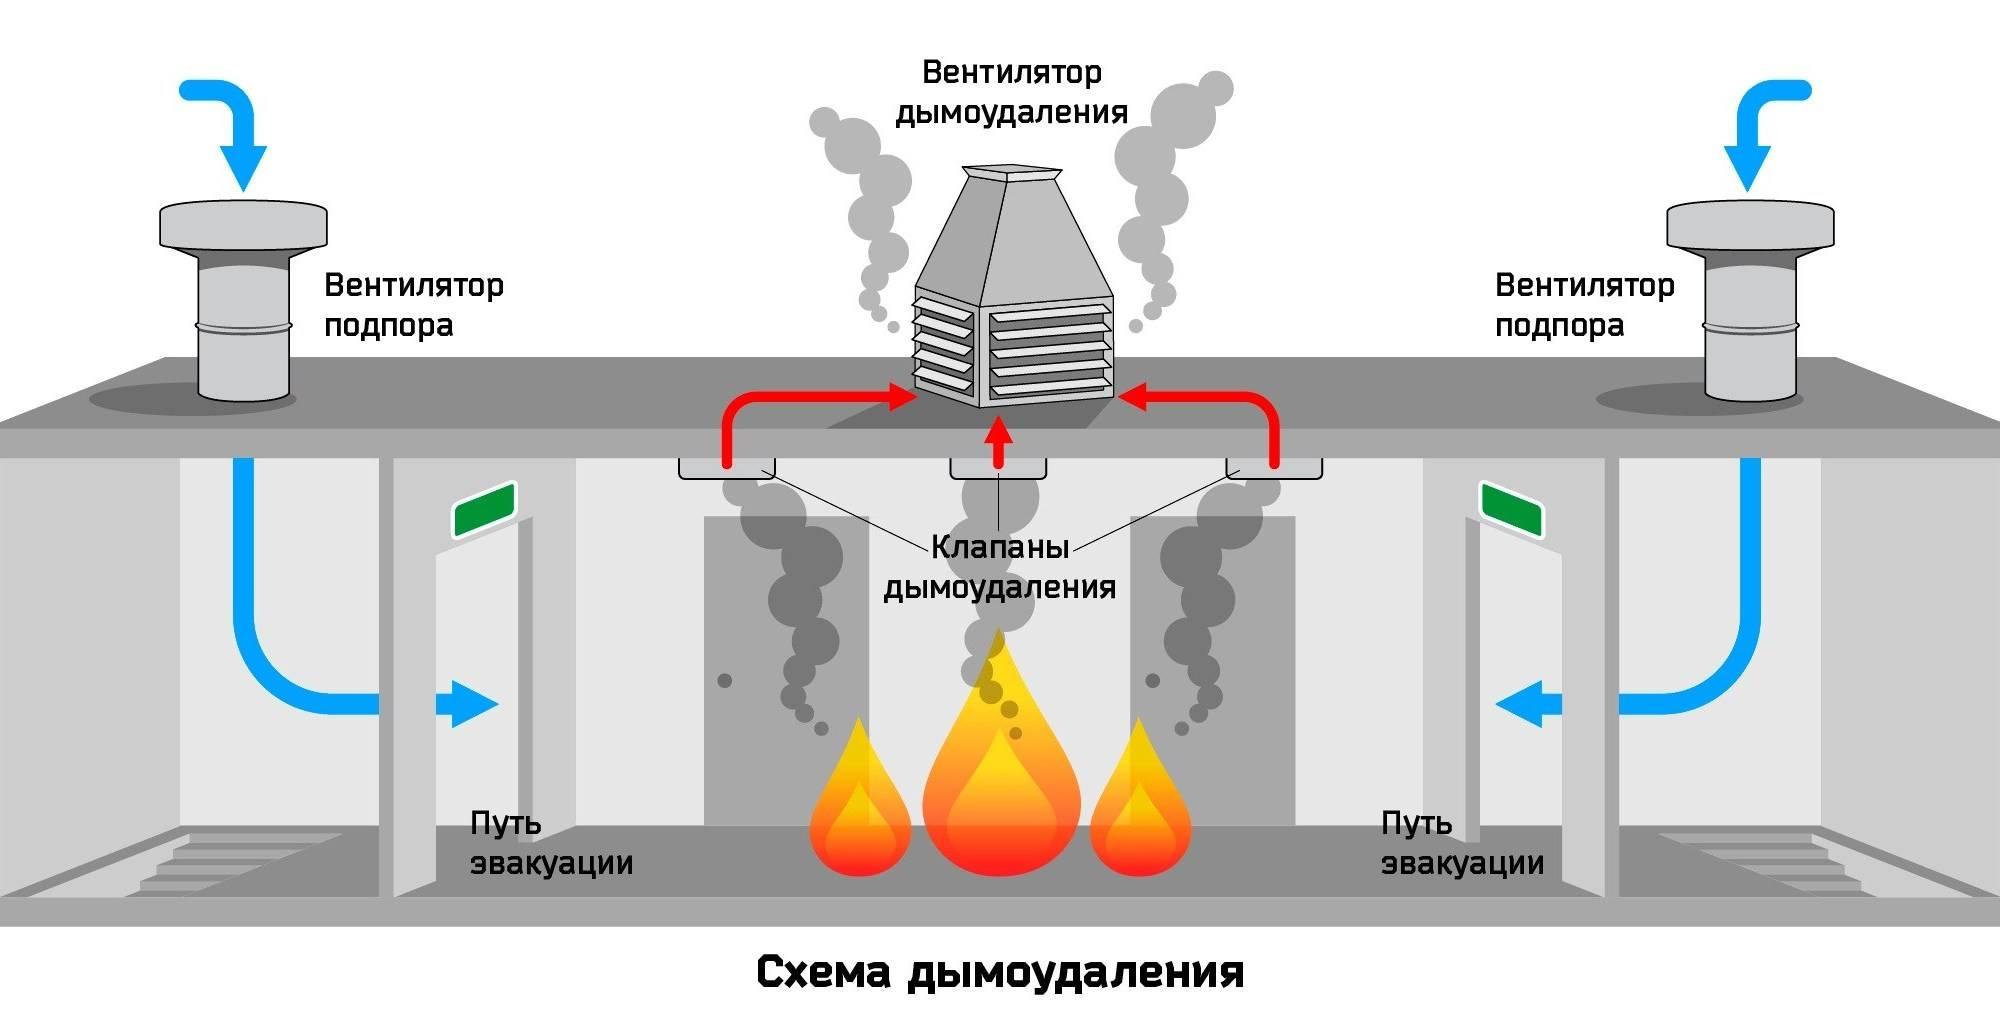 Противодымные системы вентиляции